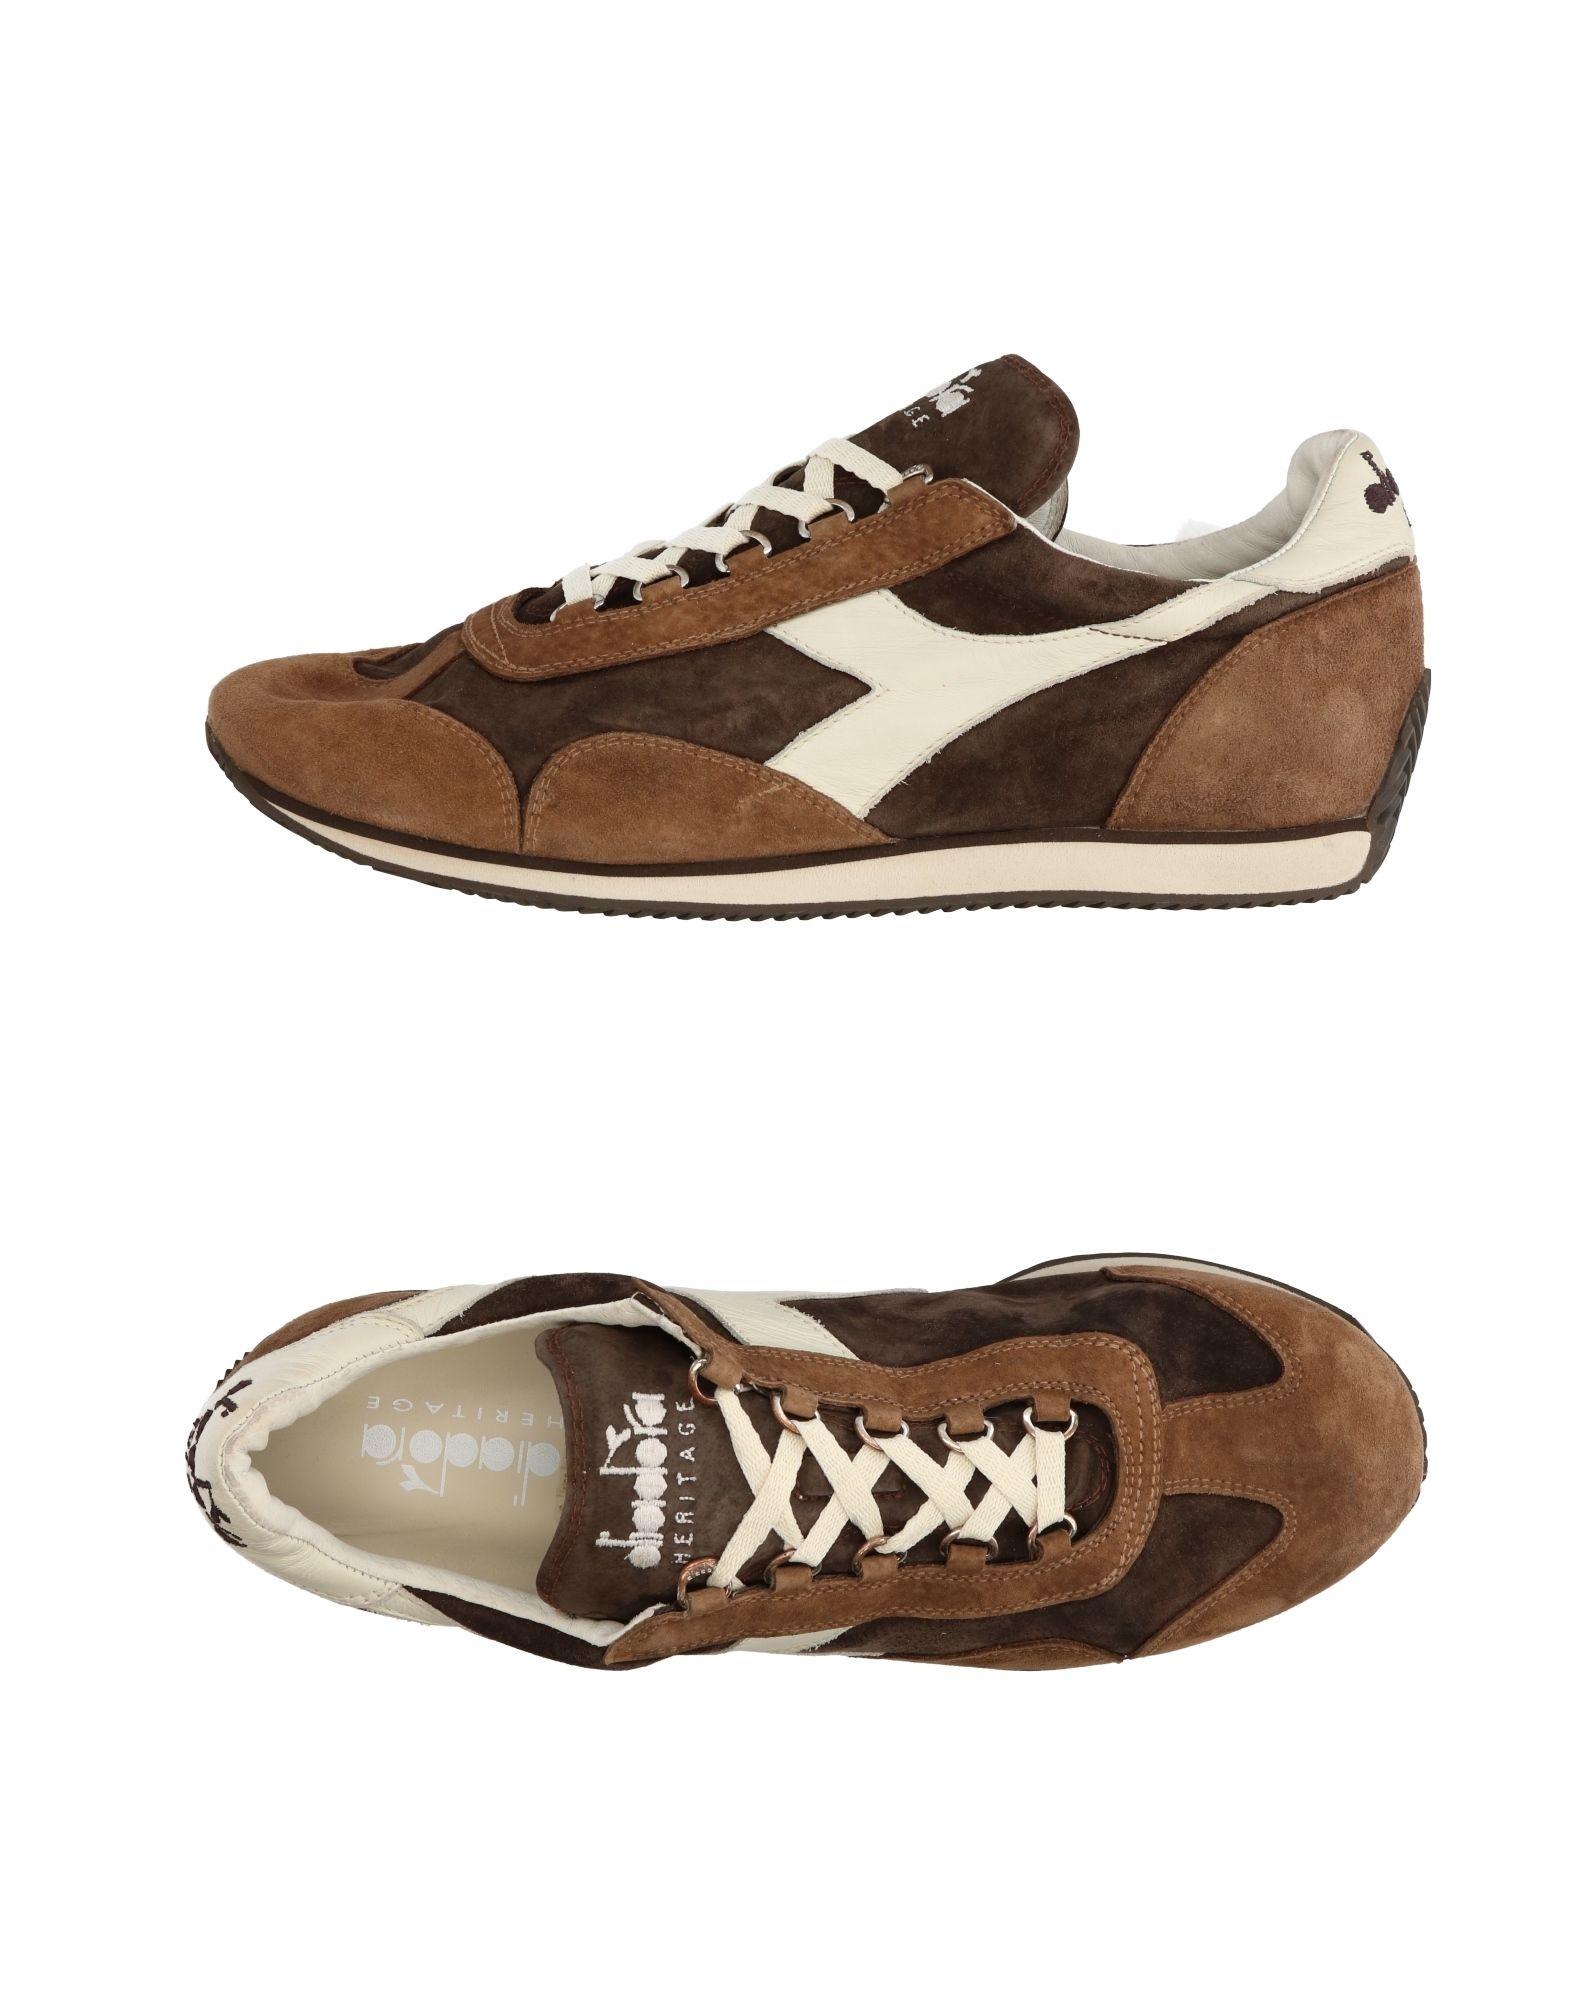 Rabatt echte Sneakers Schuhe Diadora Heritage Sneakers echte Herren  11260528VM 39aa71